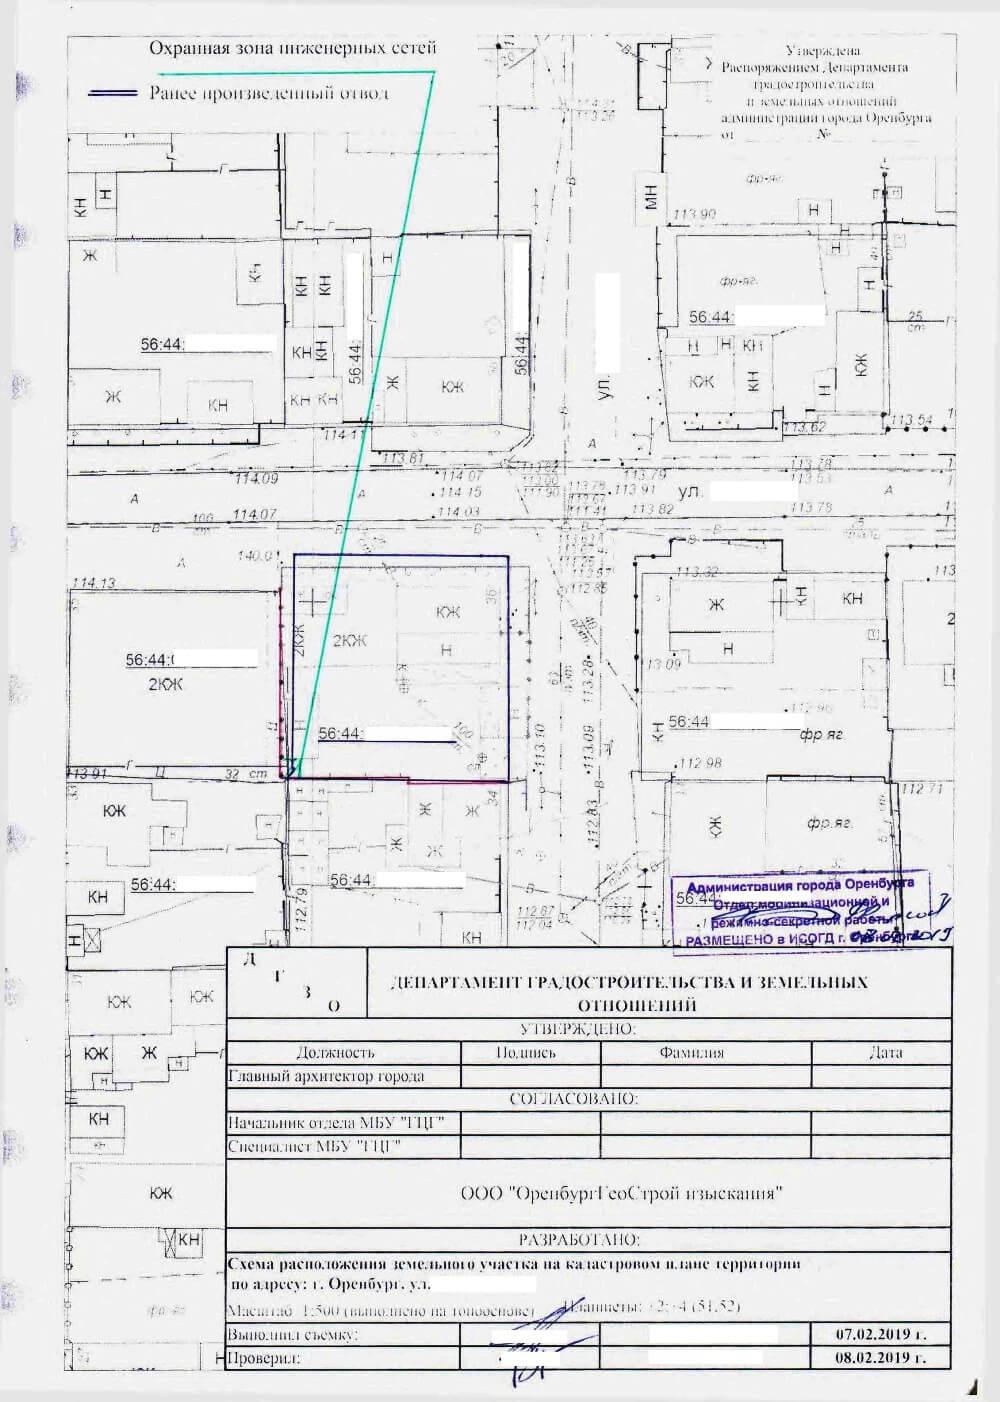 Схема расположения земельного участка на кадастровом плане территории. Планшеты.